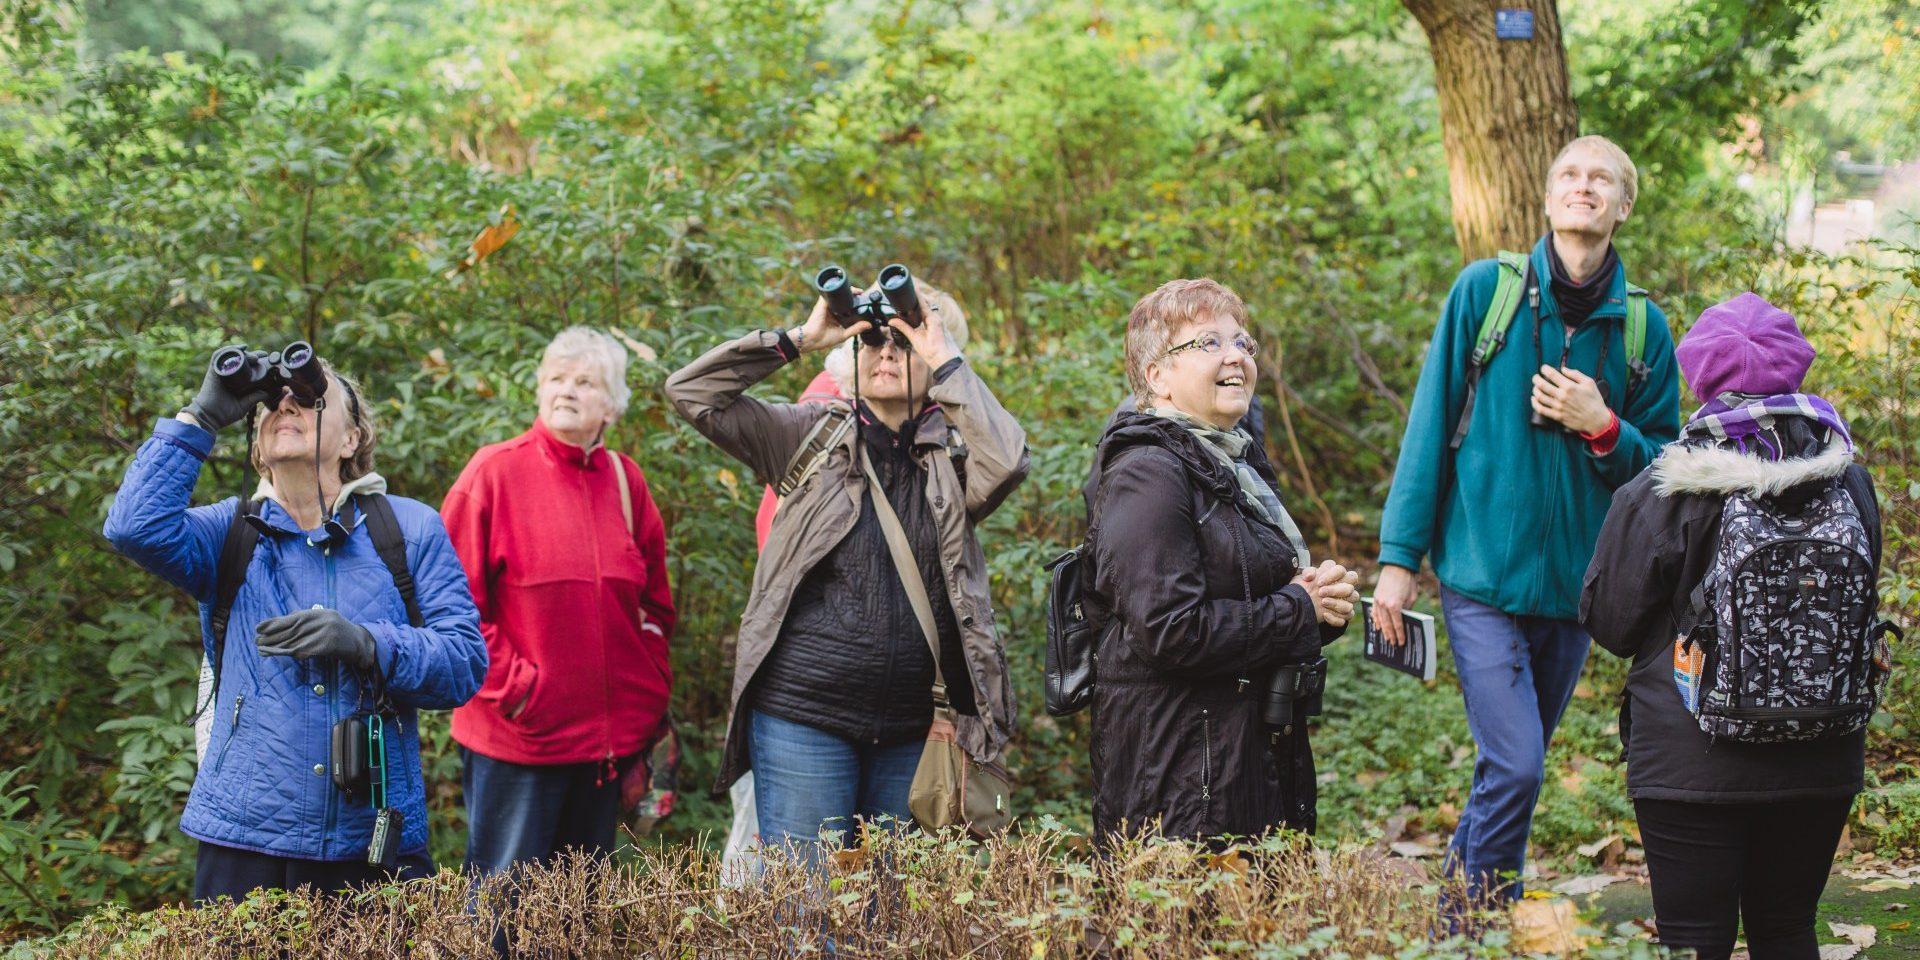 grupa sześciu osób w różnym wieku patrzy w górę, na tle zielonych drzew.